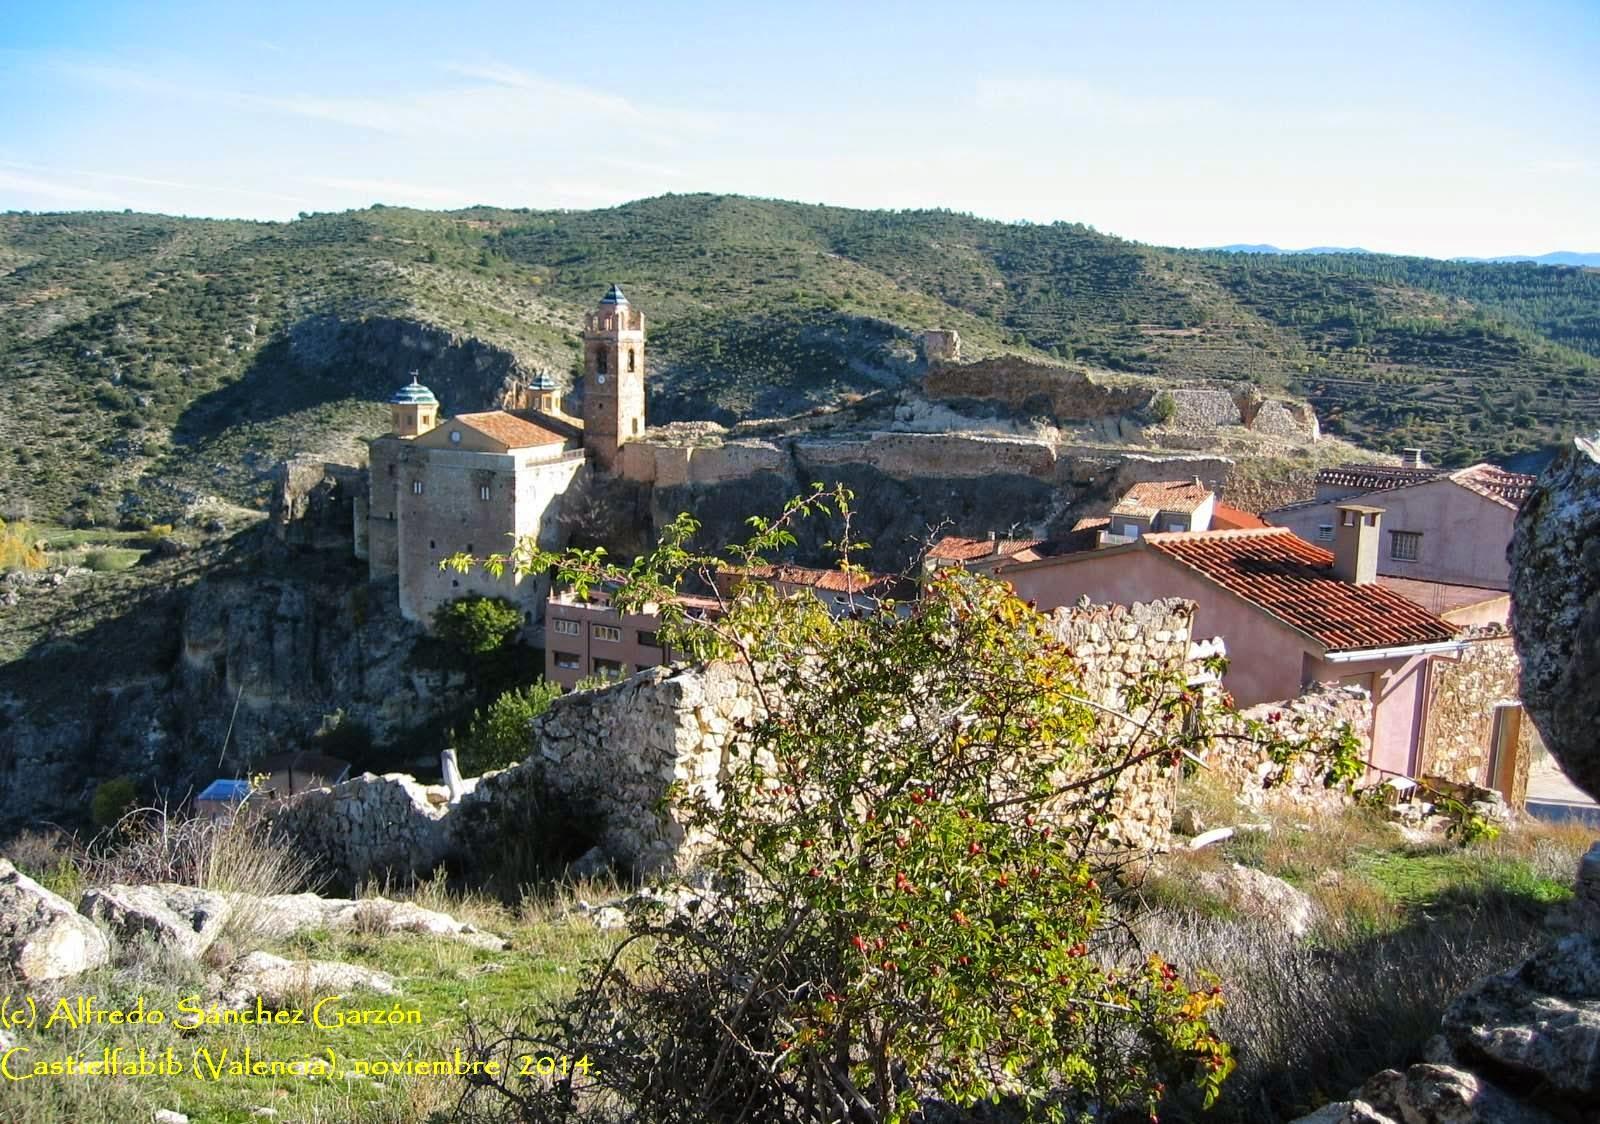 iglesia-castillo-fortaleza-castielfabib